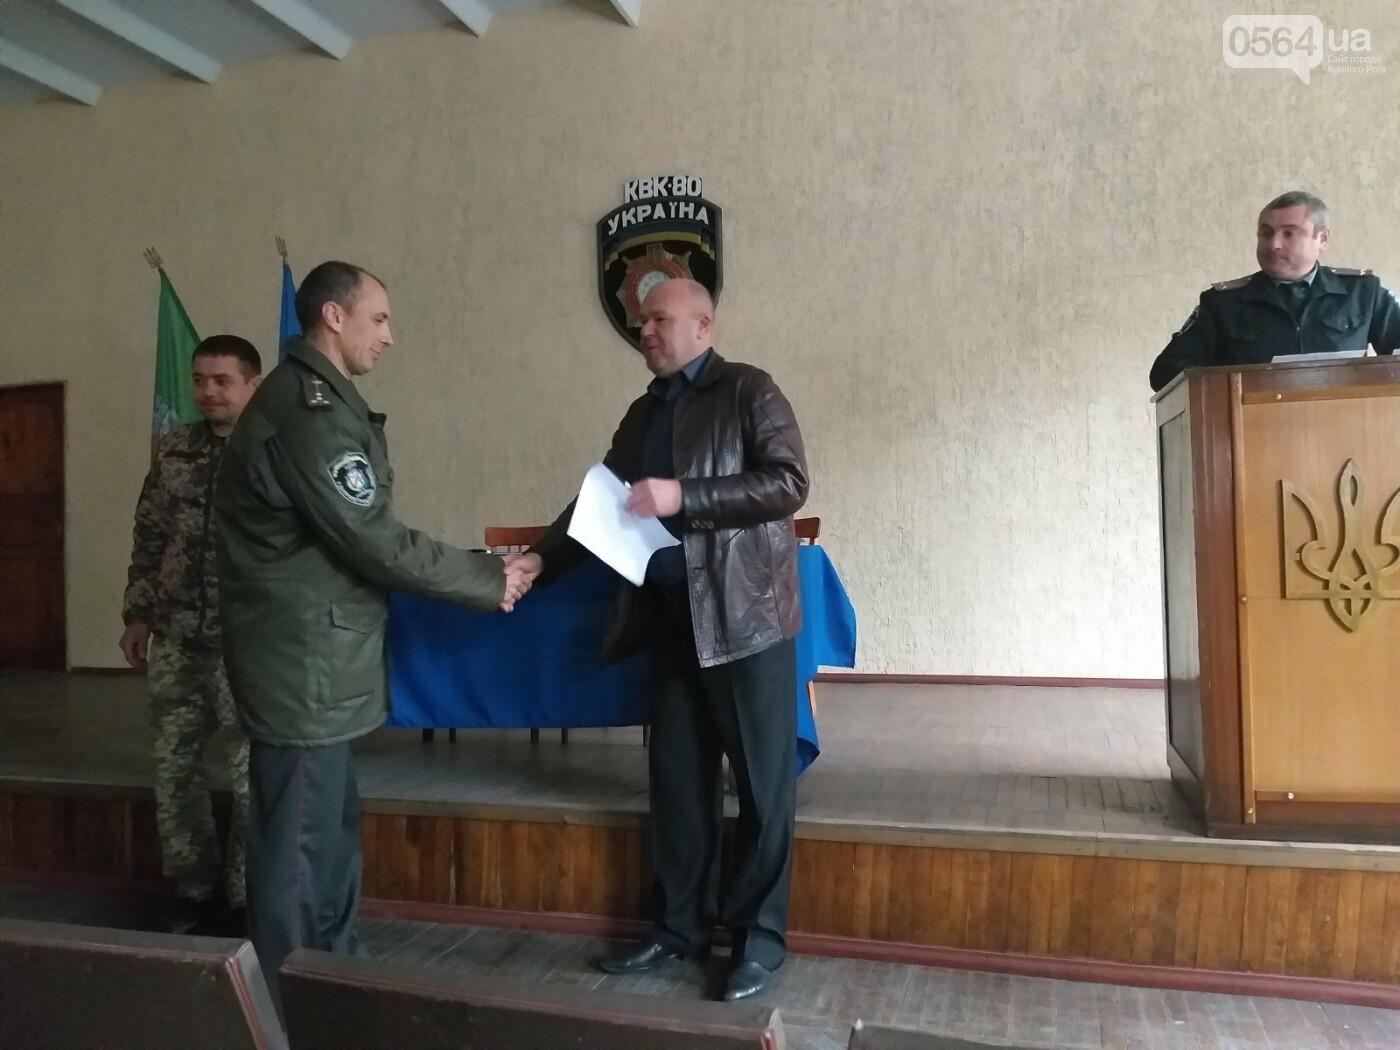 В Криворожской колонии отпраздновали День защитника Украины, - ФОТО , фото-2